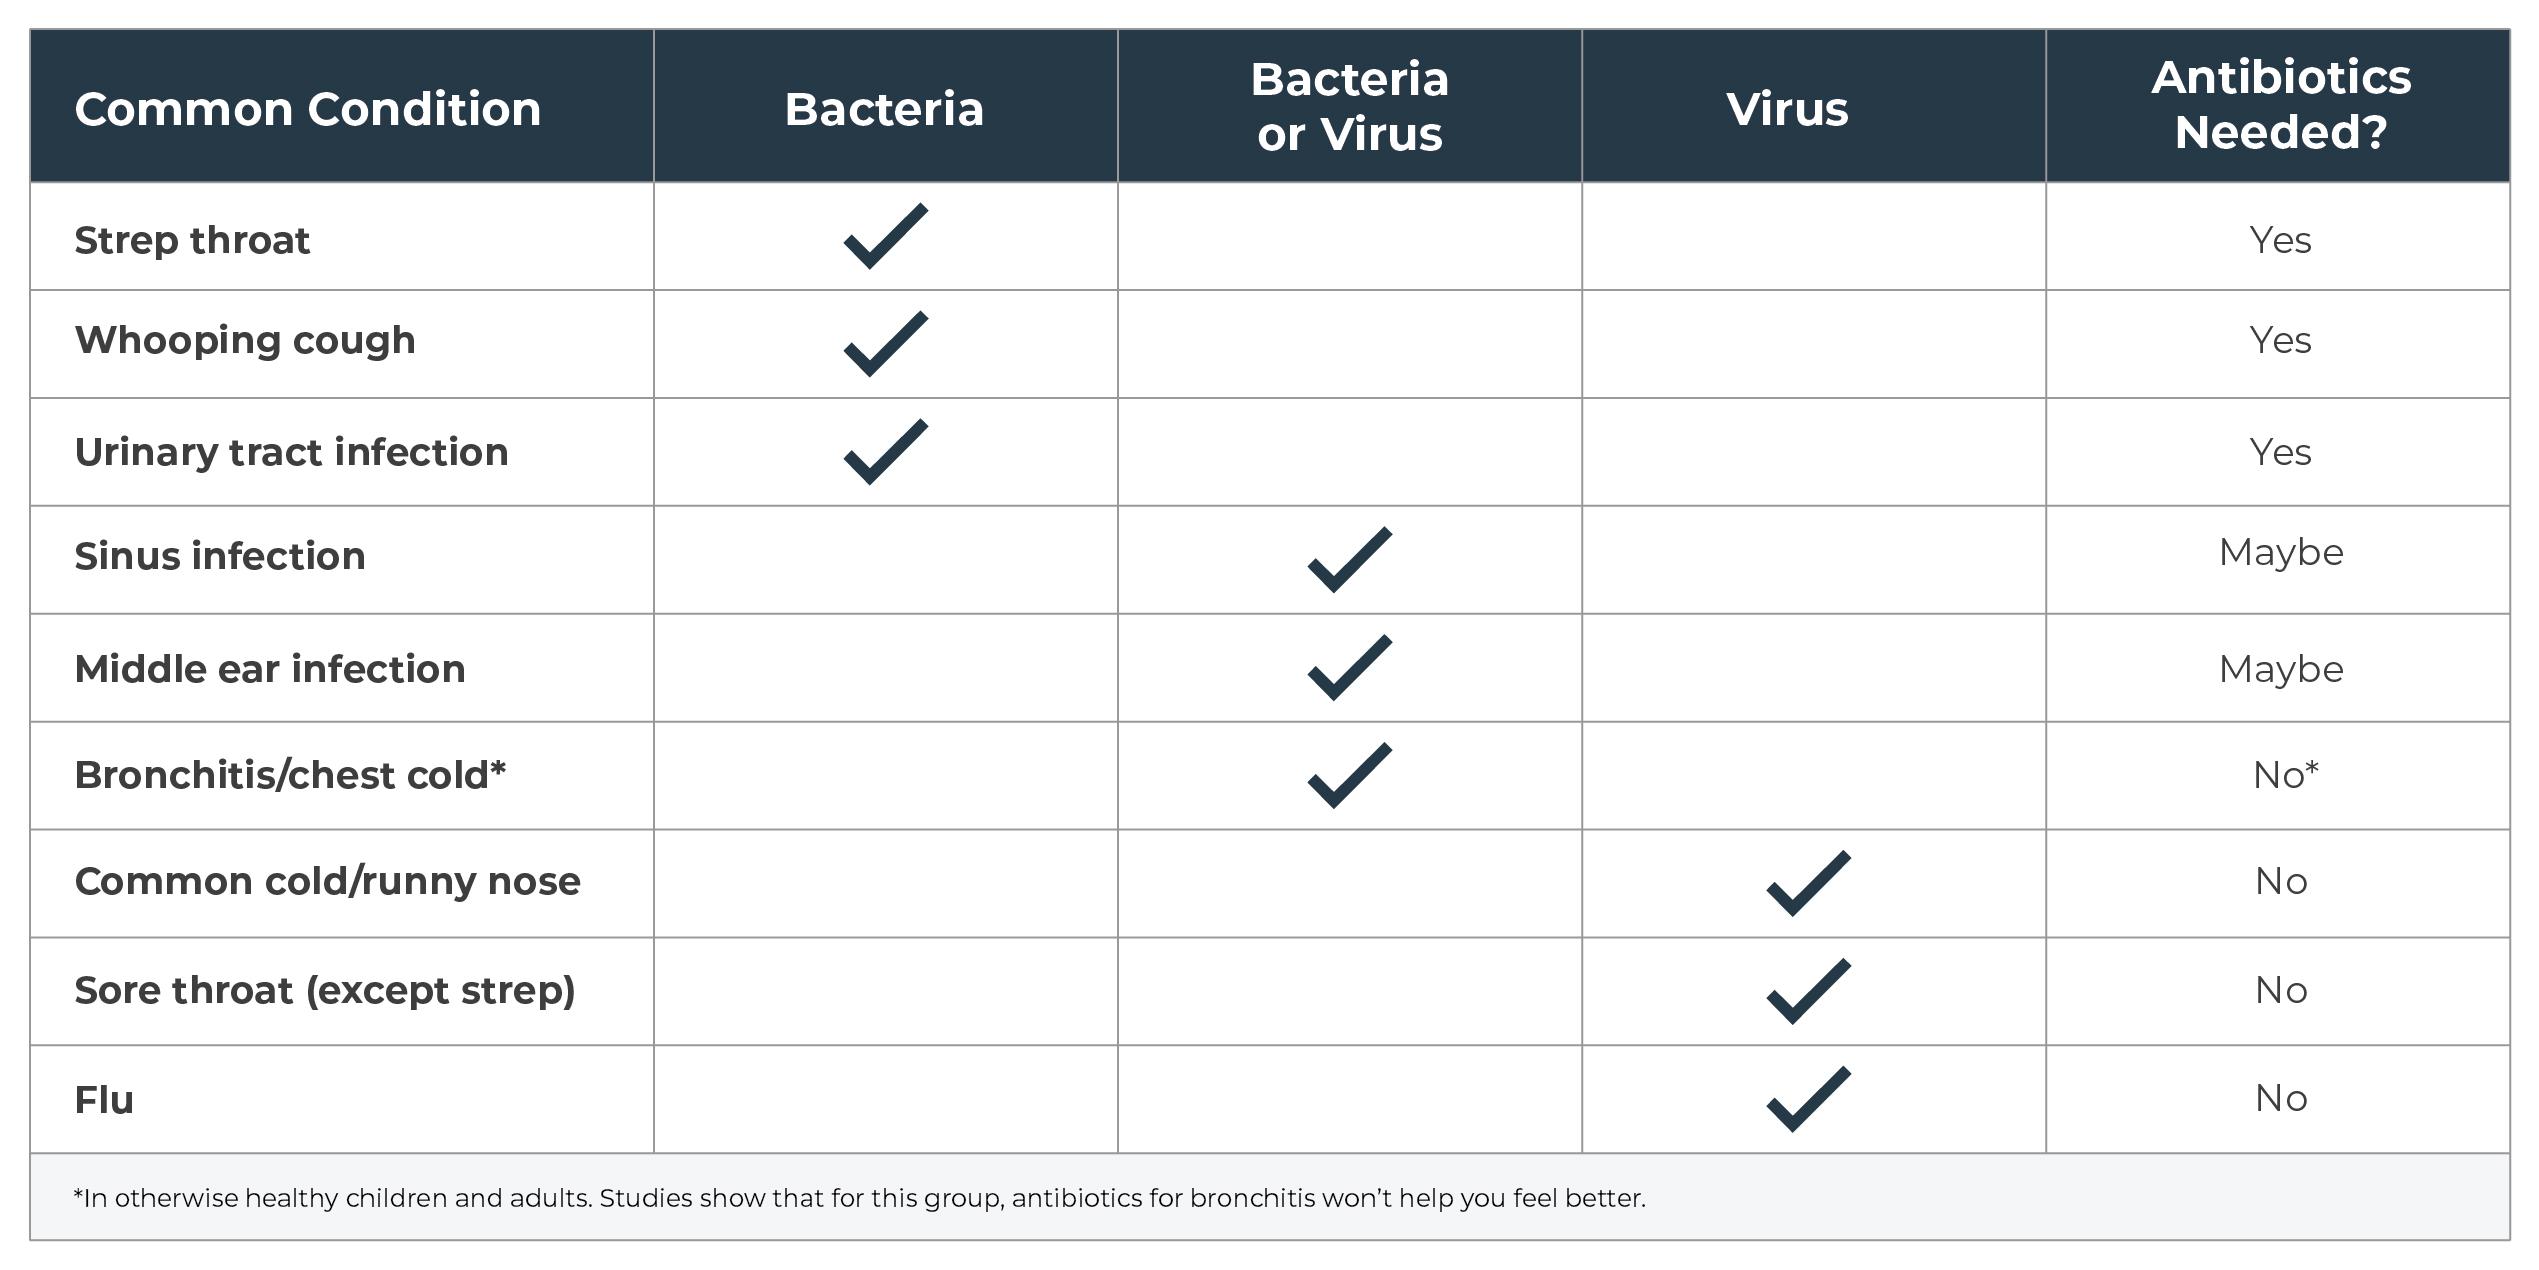 AntibioticChart-01